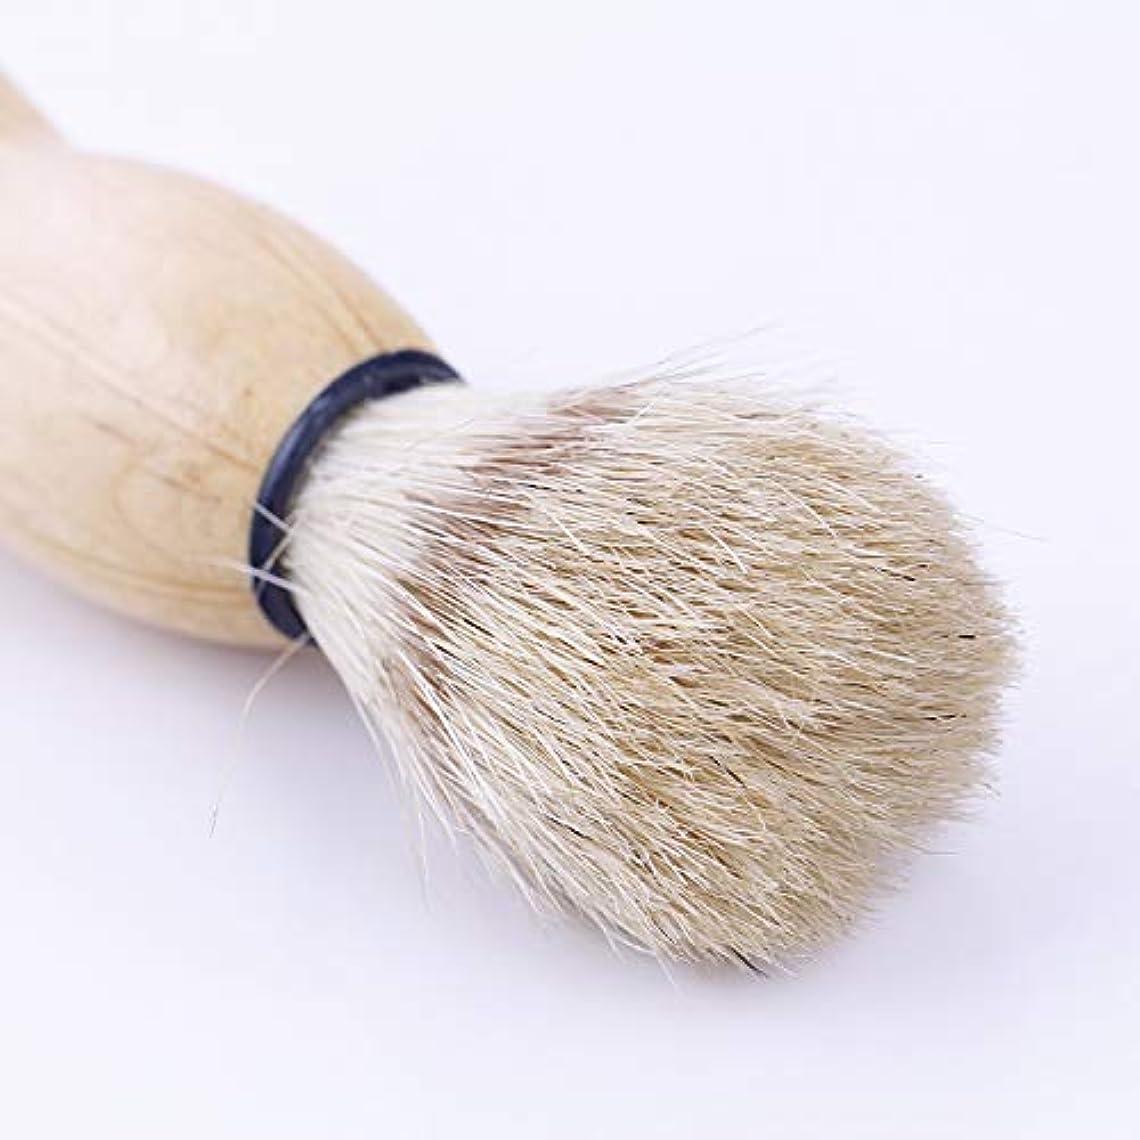 キャップ急降下頭SMTHOME シェービング用ブラシ メンズ 100% ウール毛 理容 洗顔 髭剃り 泡立ち